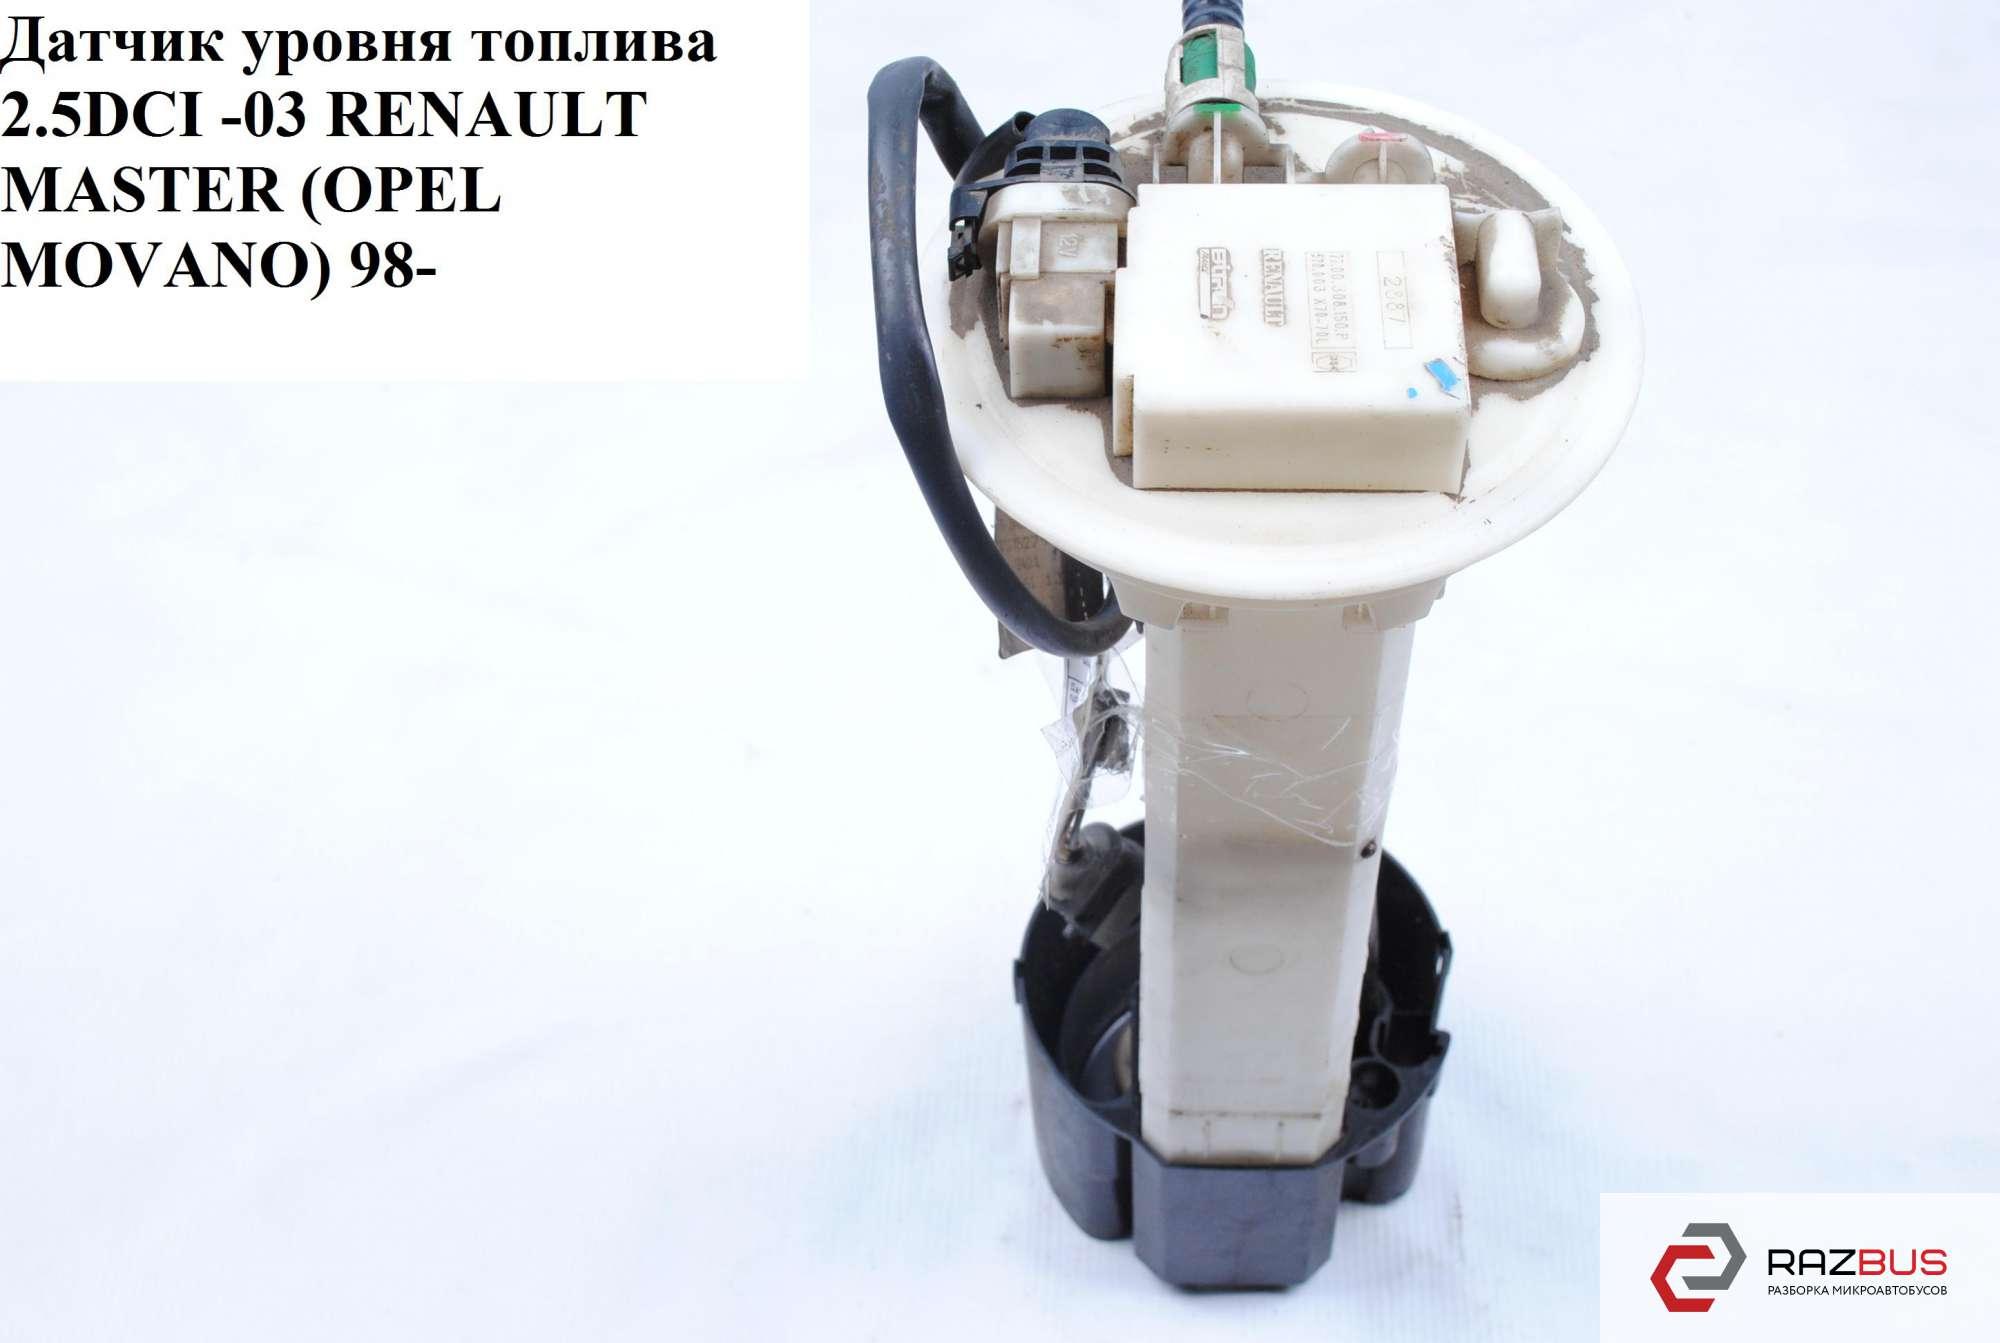 7700308150 Датчик уровня топлива -03 70 литров OPEL MOVANO 1998-2003г